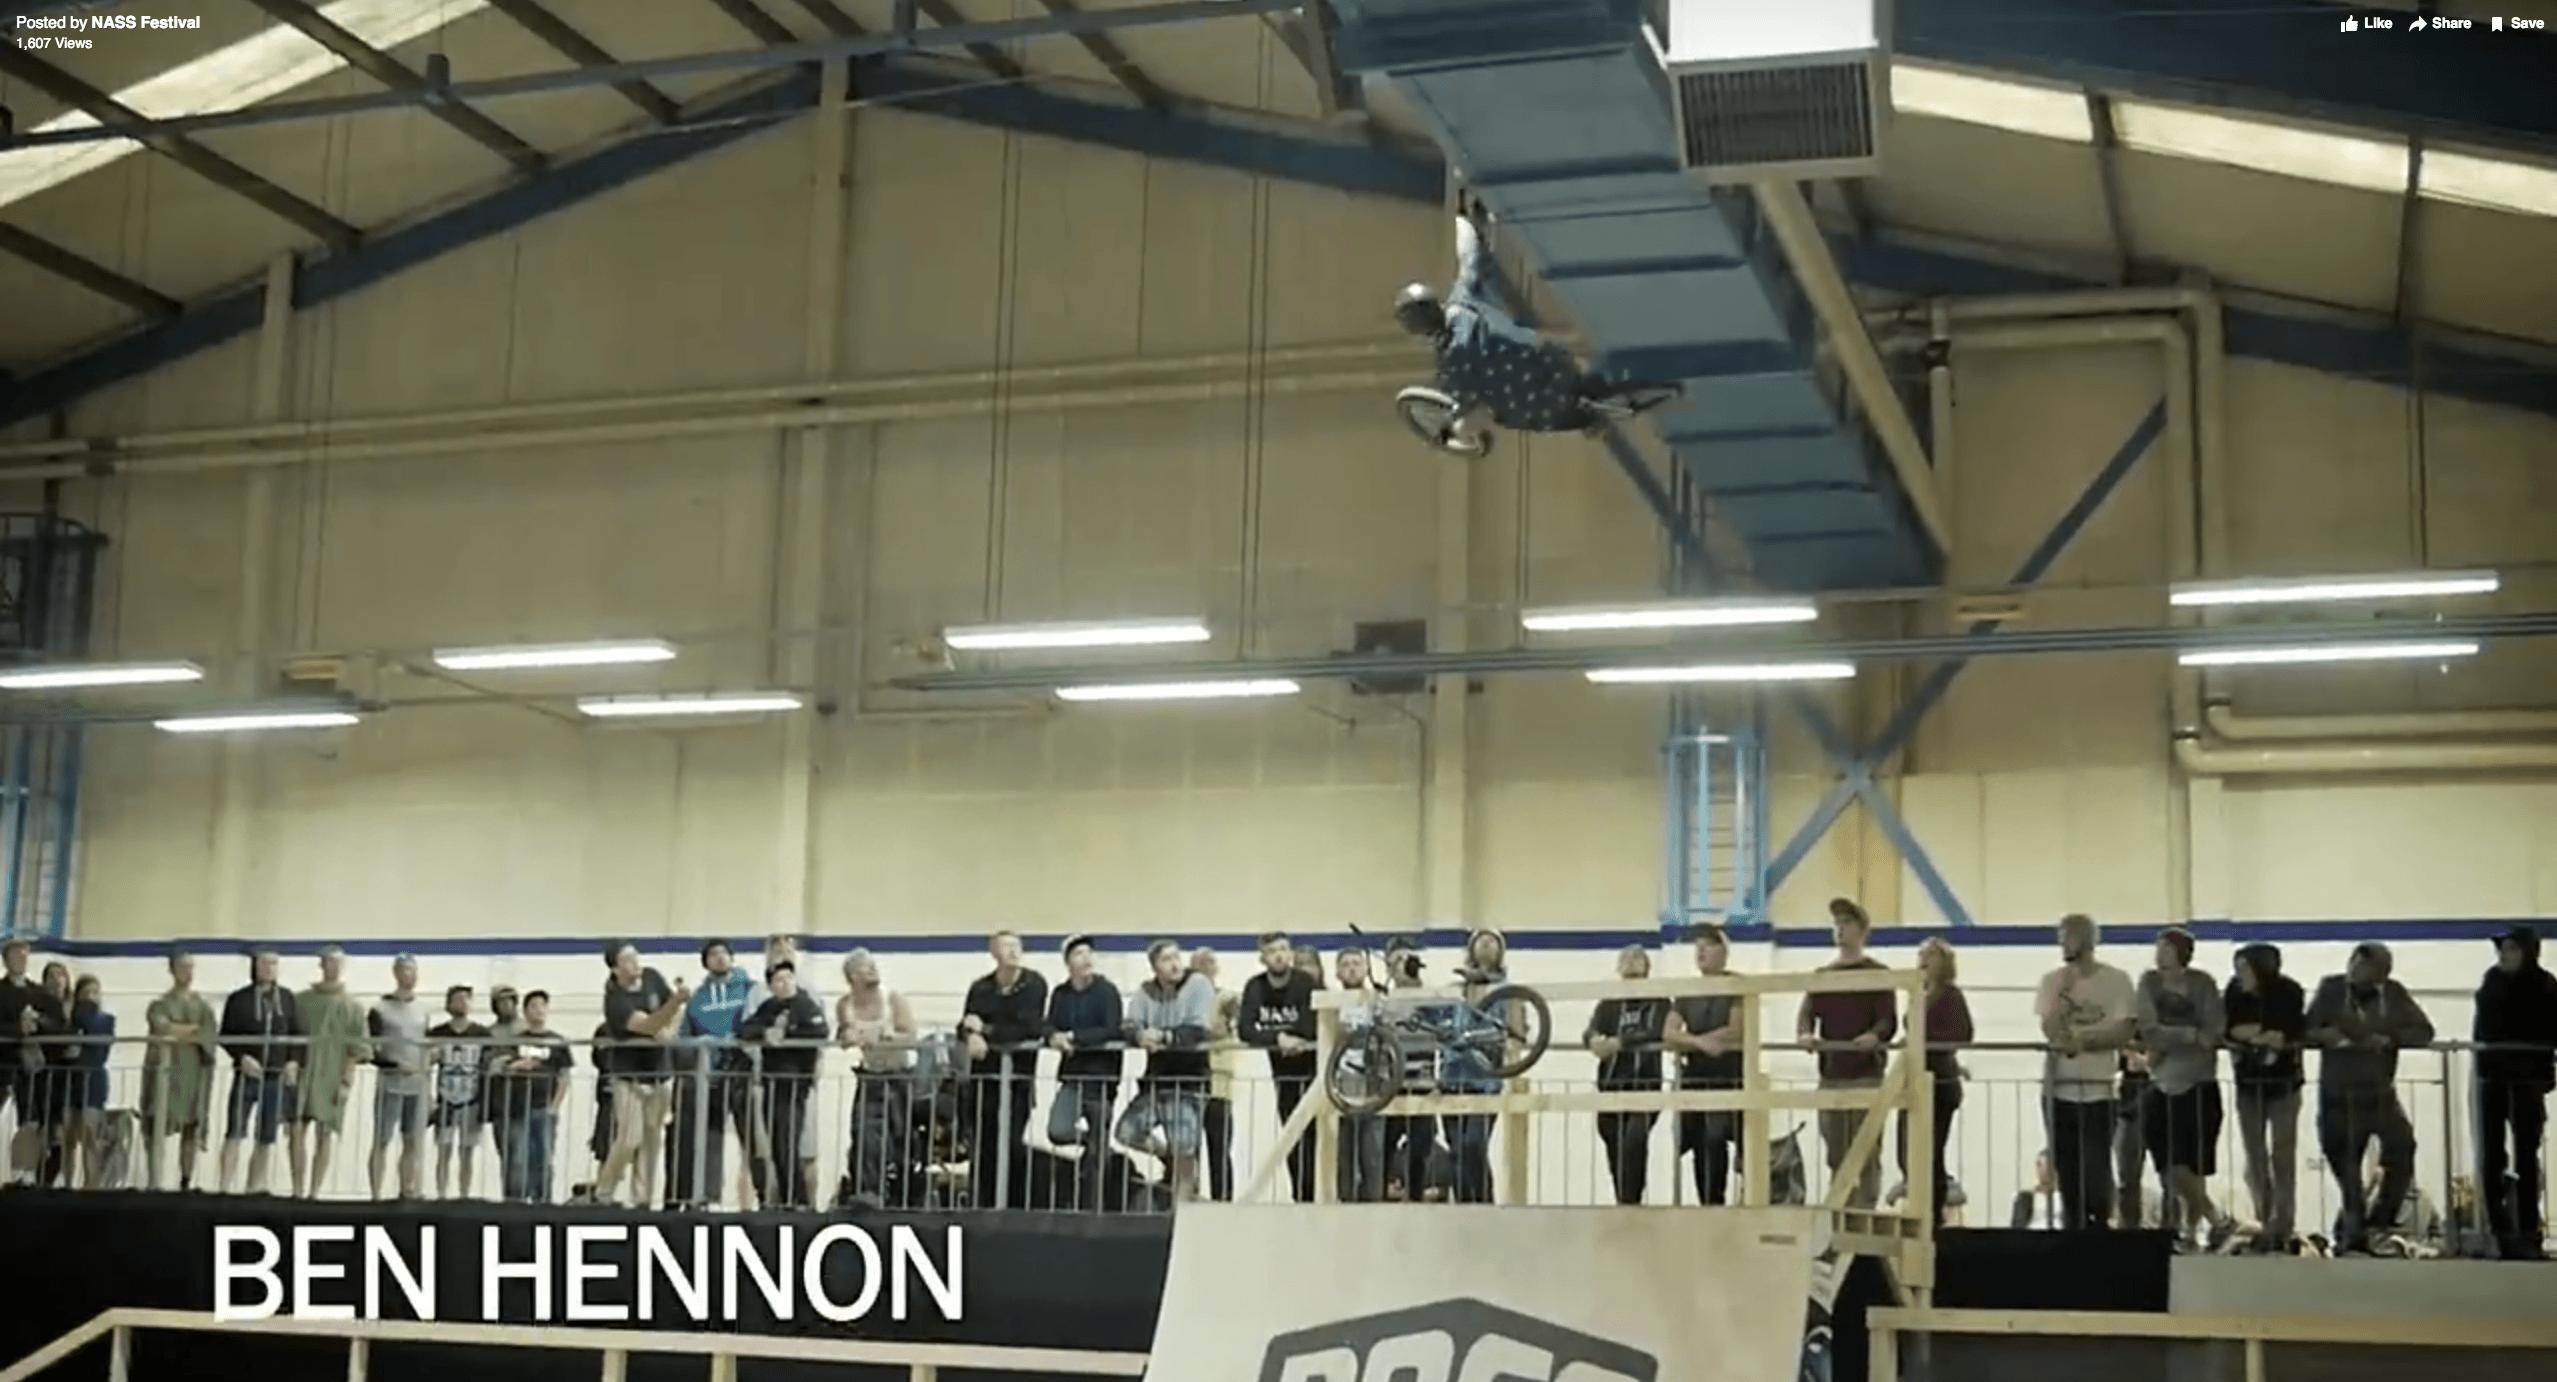 NASS 2015 - BMX Best Trick